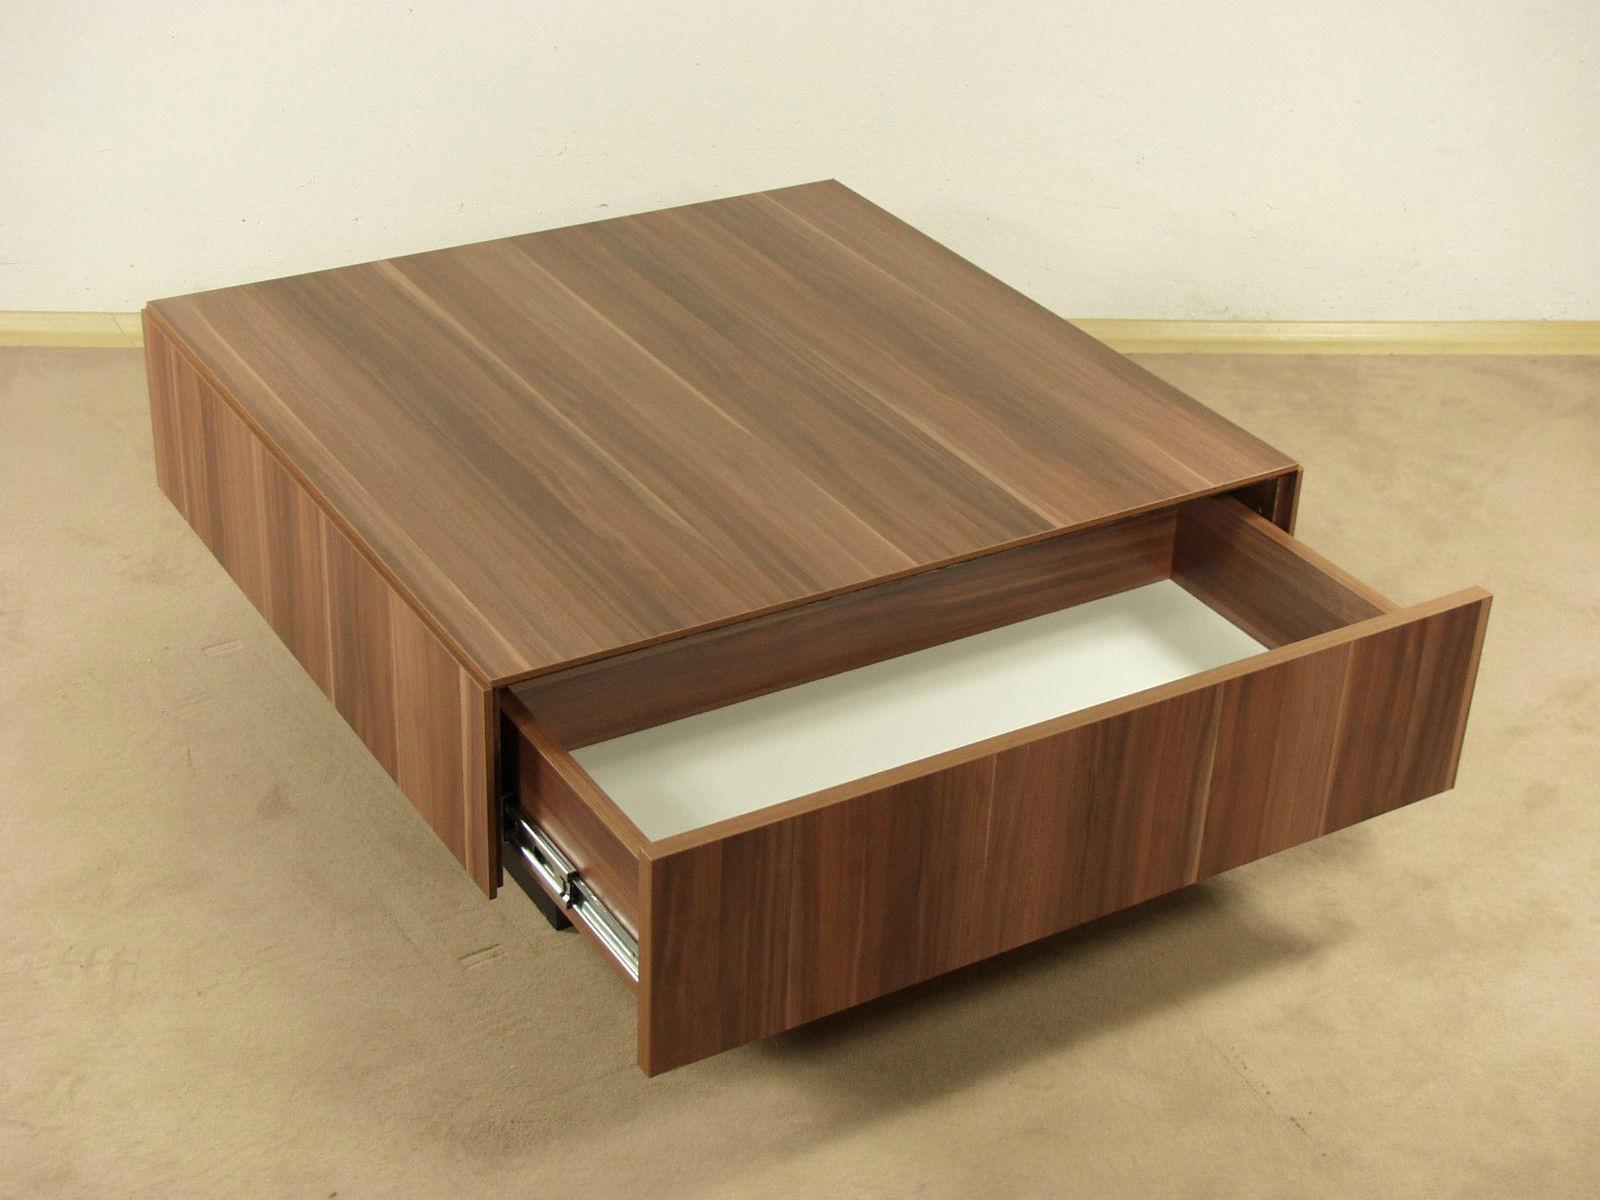 Couchtisch kernnuss tisch wohnzimmertisch sofatisch for Wohnzimmertisch designer